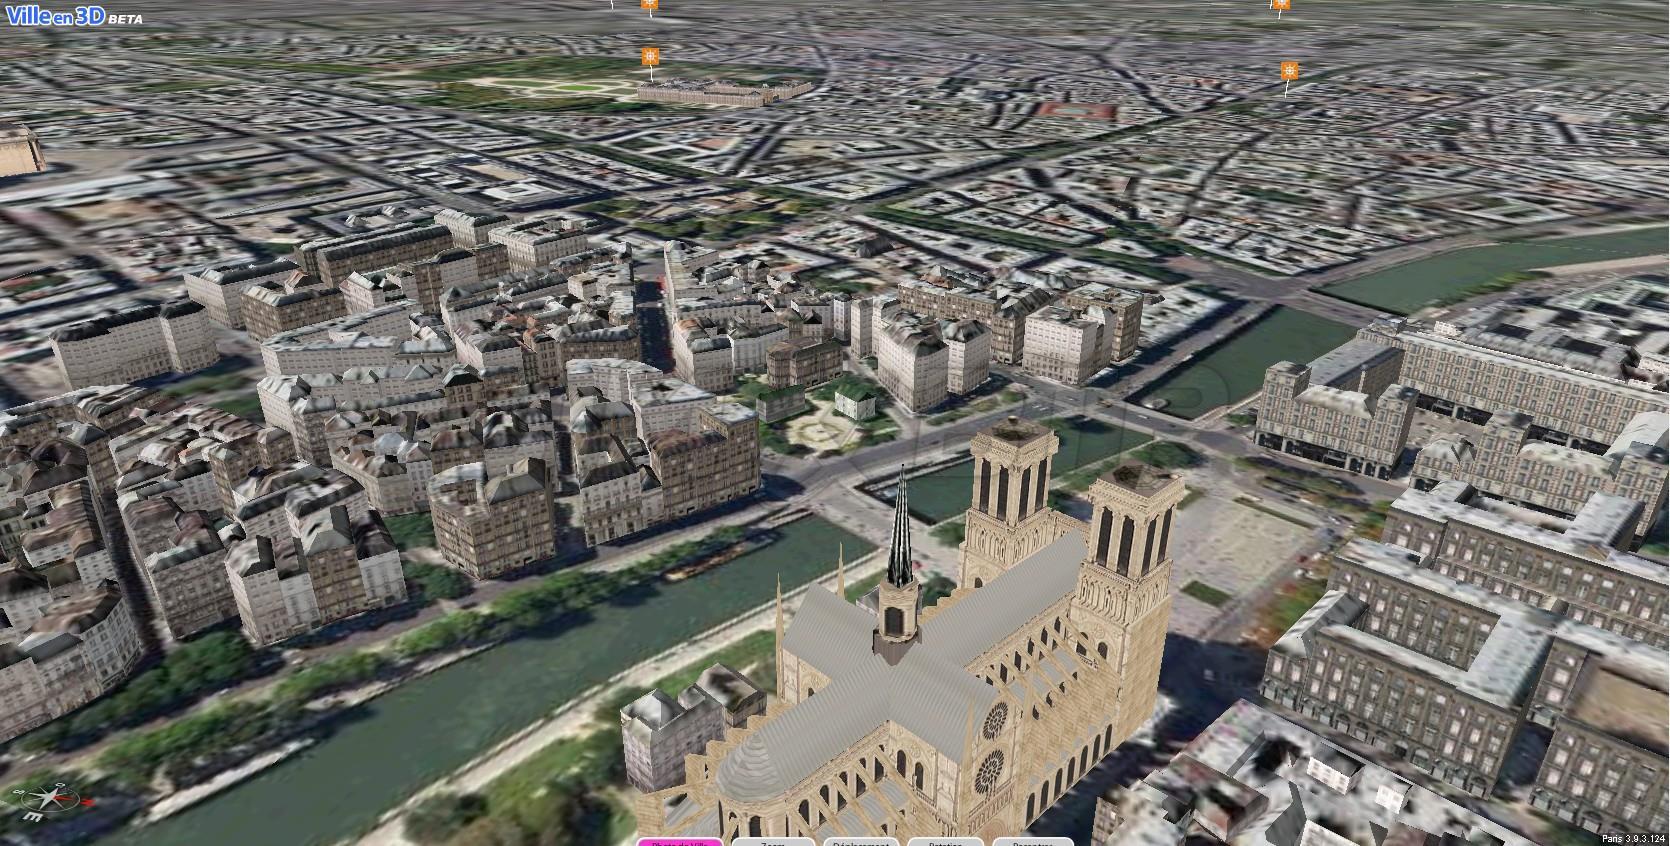 Une vue cadrée large de la maquette numérique de Paris